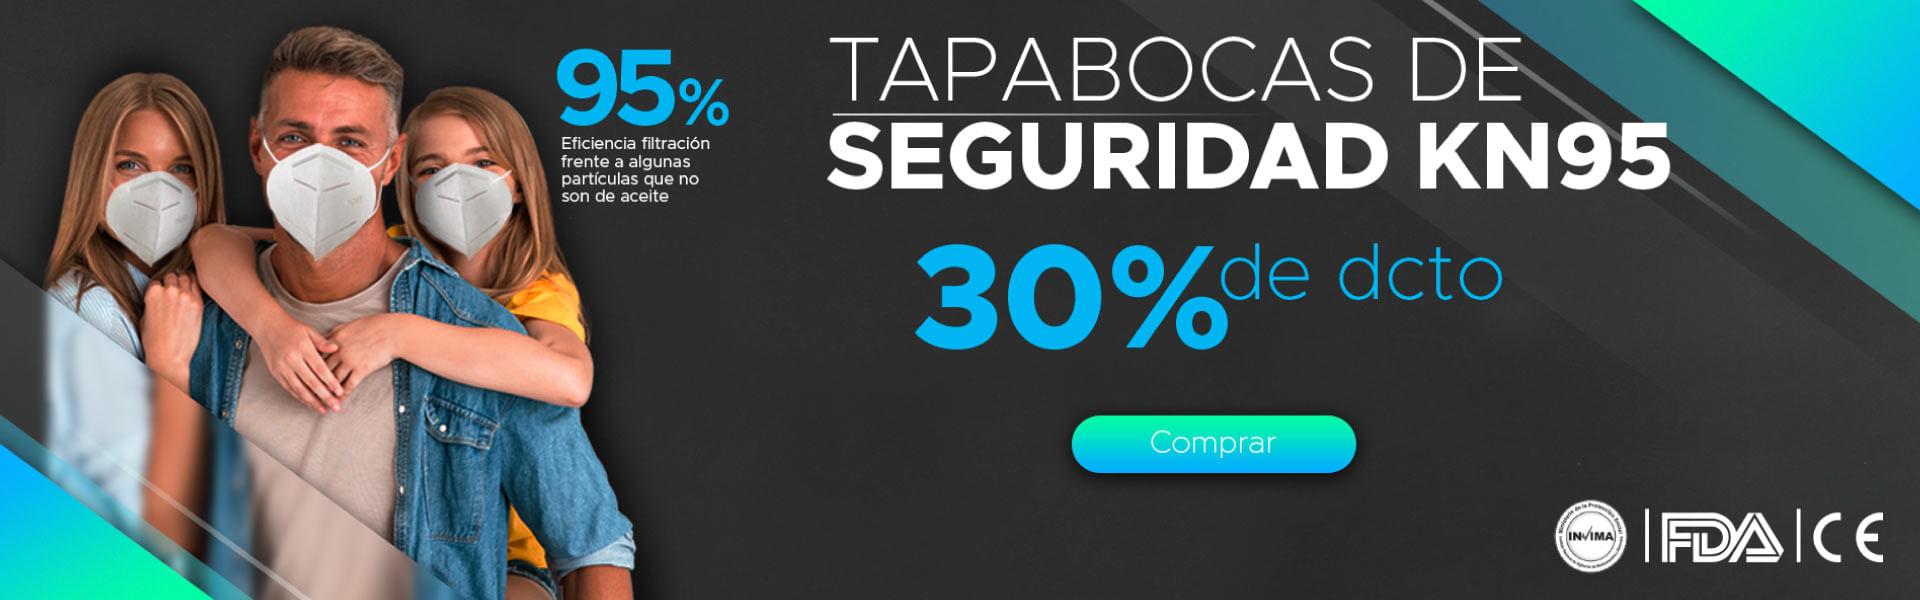 Tapabocas Unisex - Almacenes Si